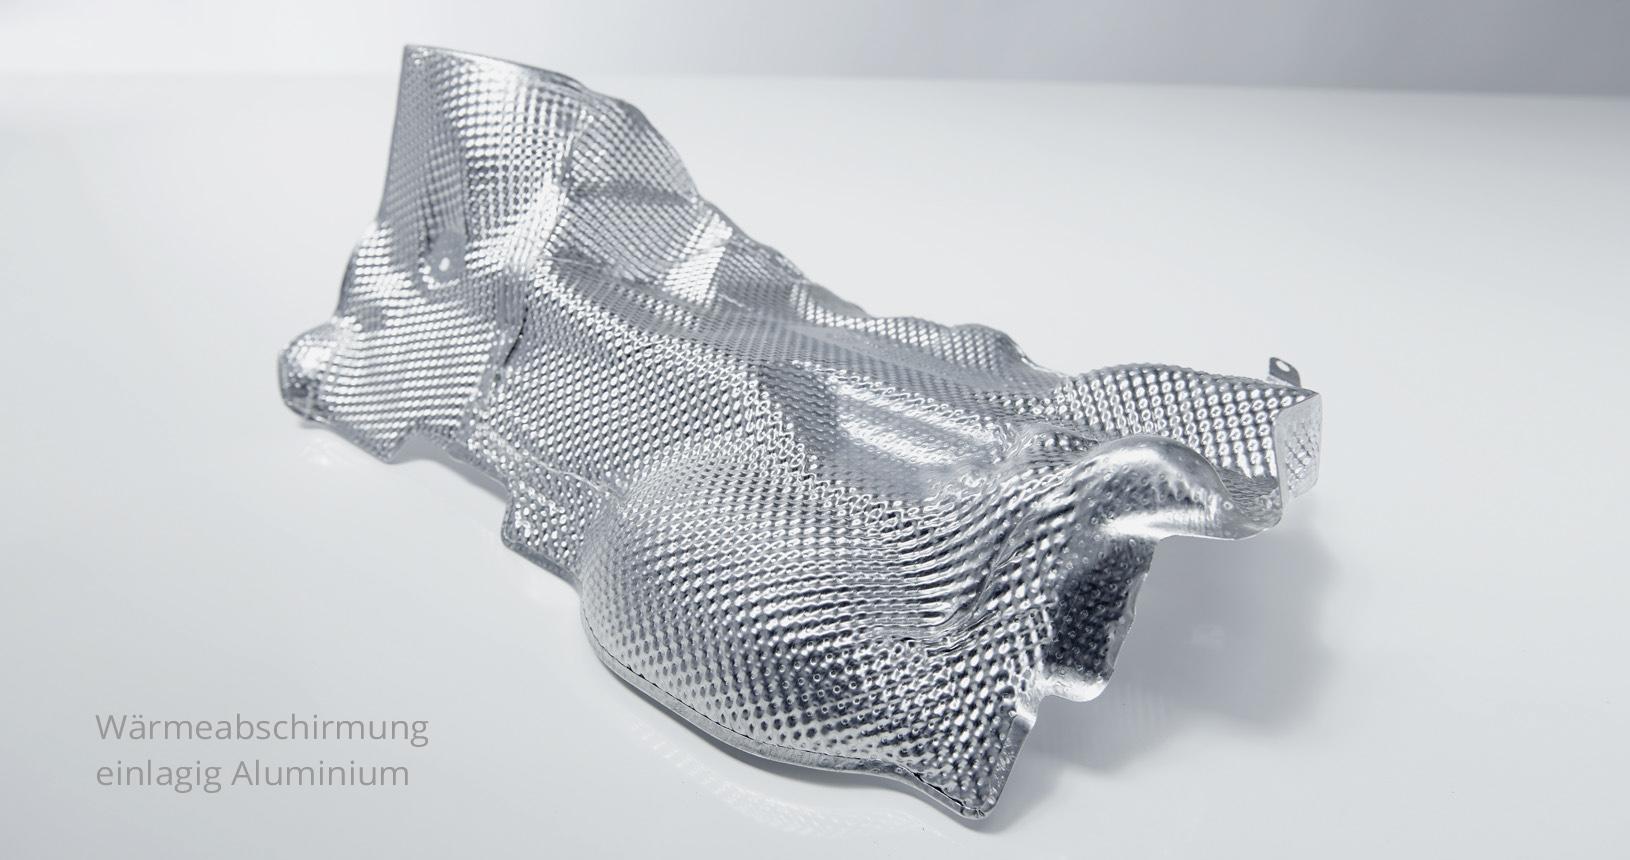 Hitzeschild Aluminium Wärmeabschirmung 4